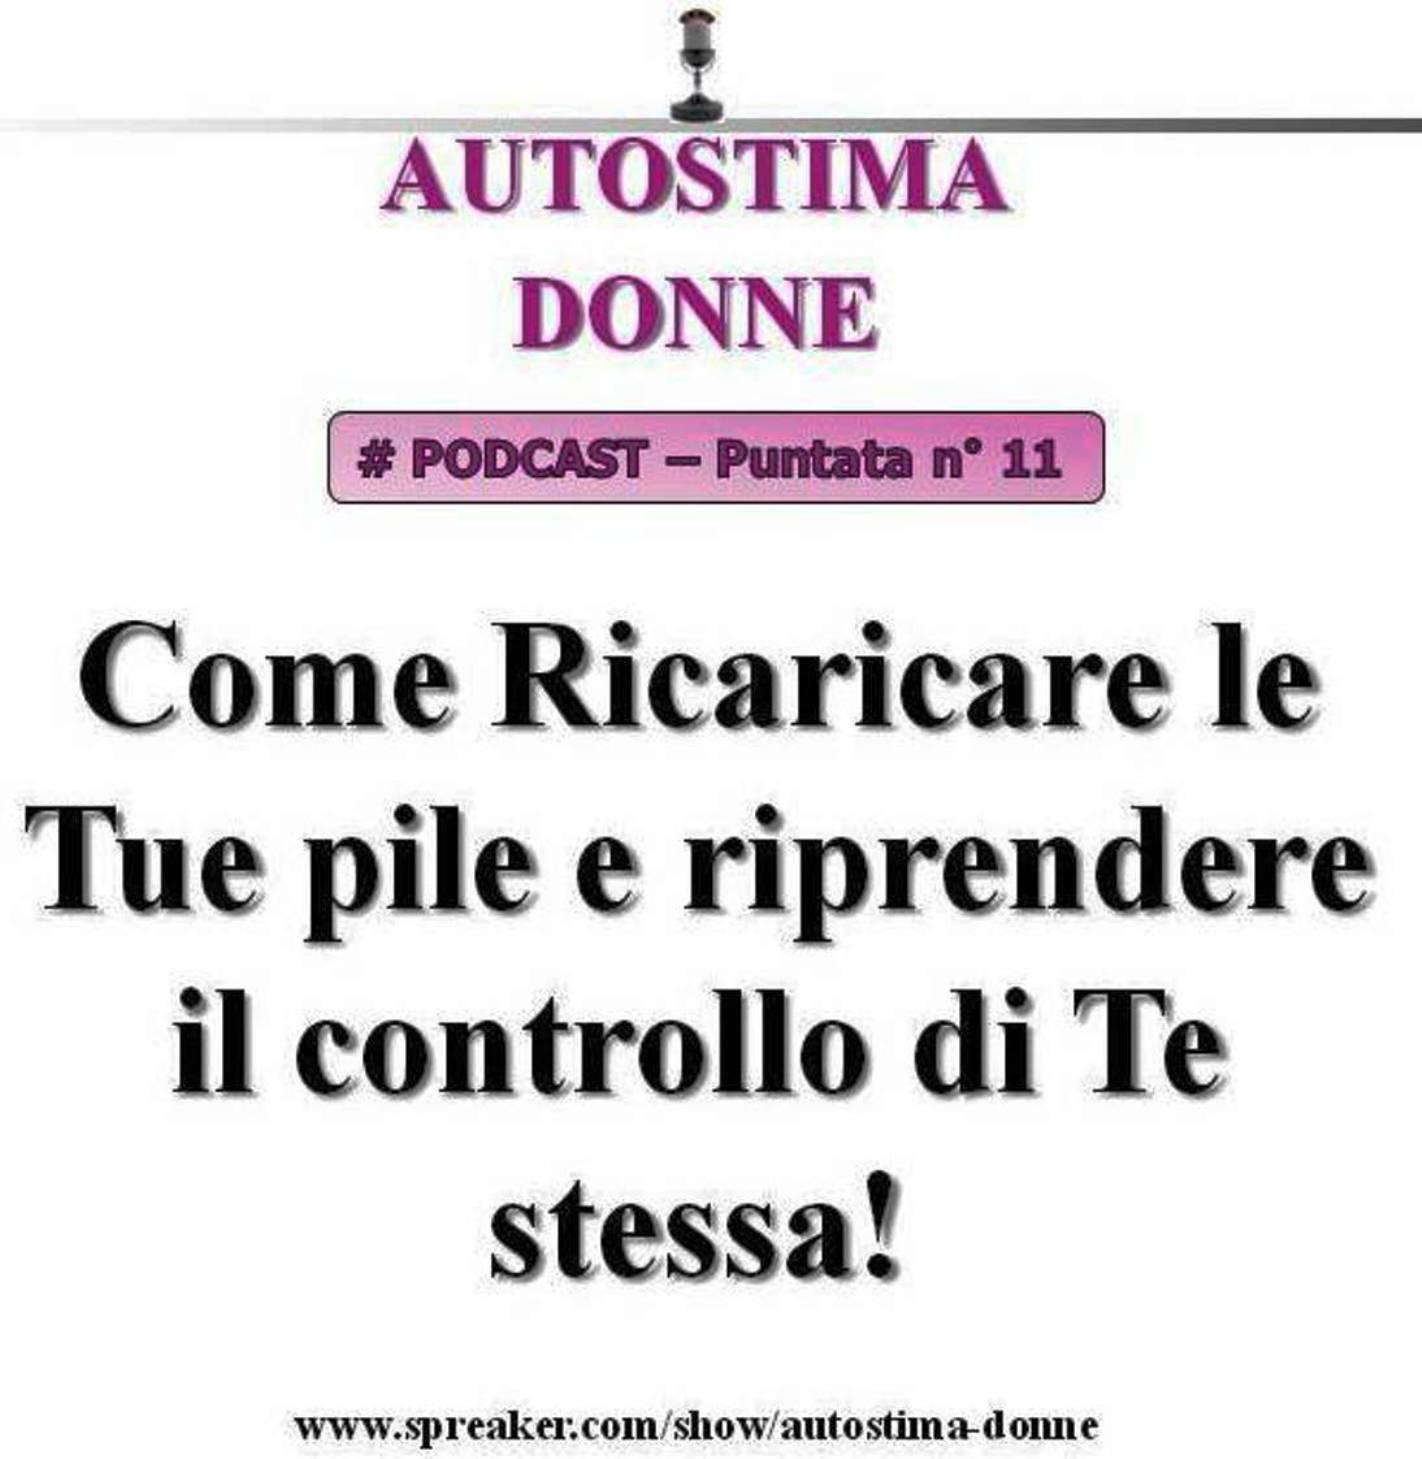 11° puntata Autostima Donna - come ricaricare le tue pile e riprendere il controllo di te stessa